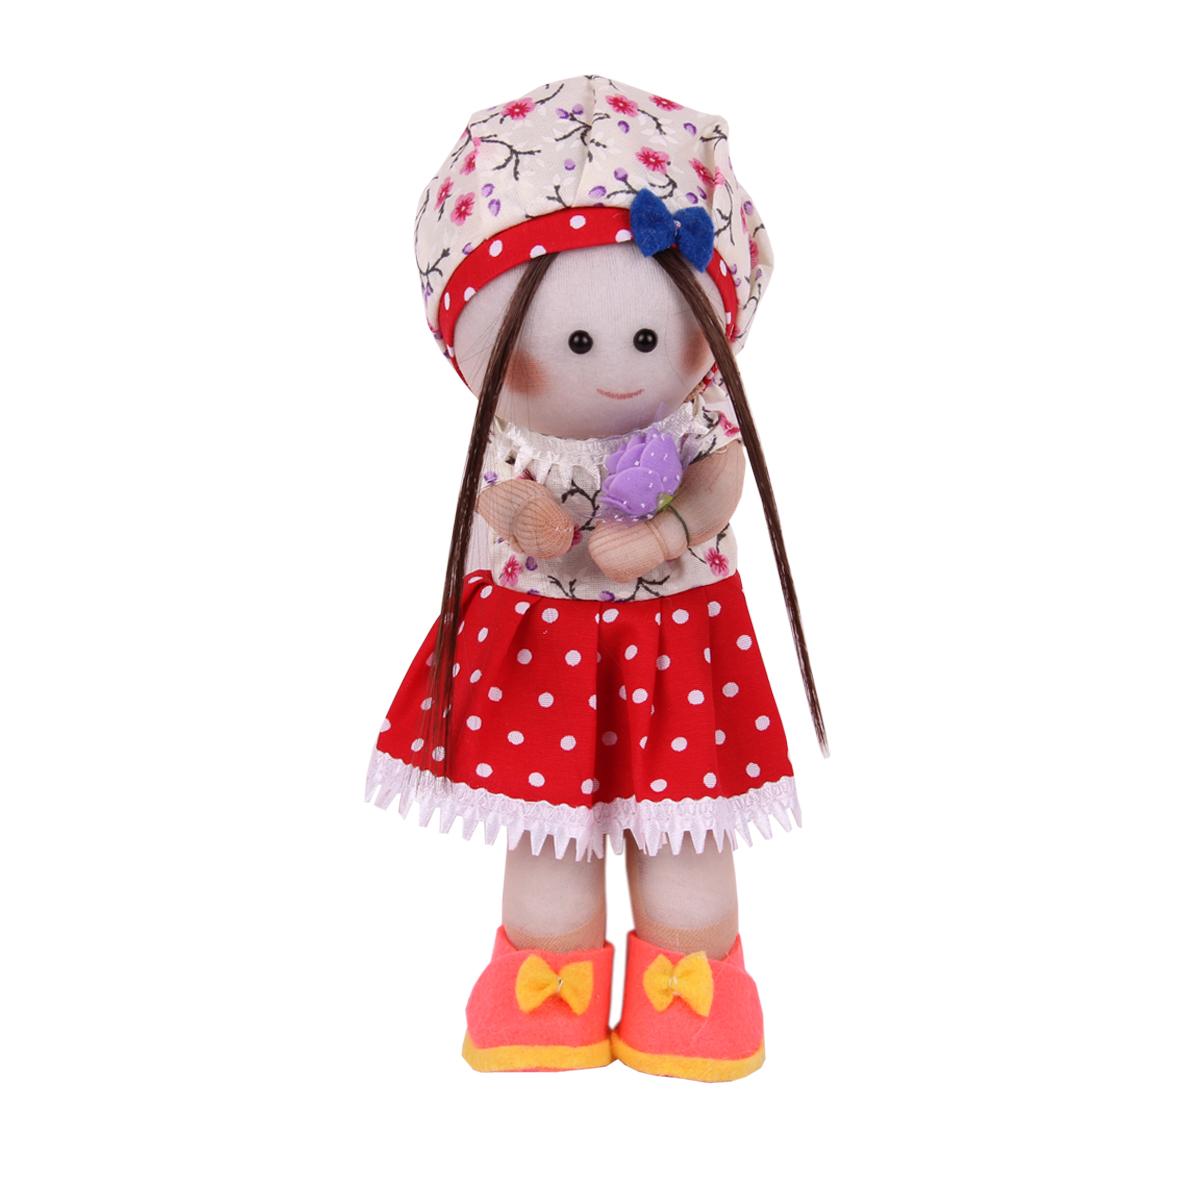 عروسک طرح دختر روسی کد 78 ارتفاع 24 سانتی متر